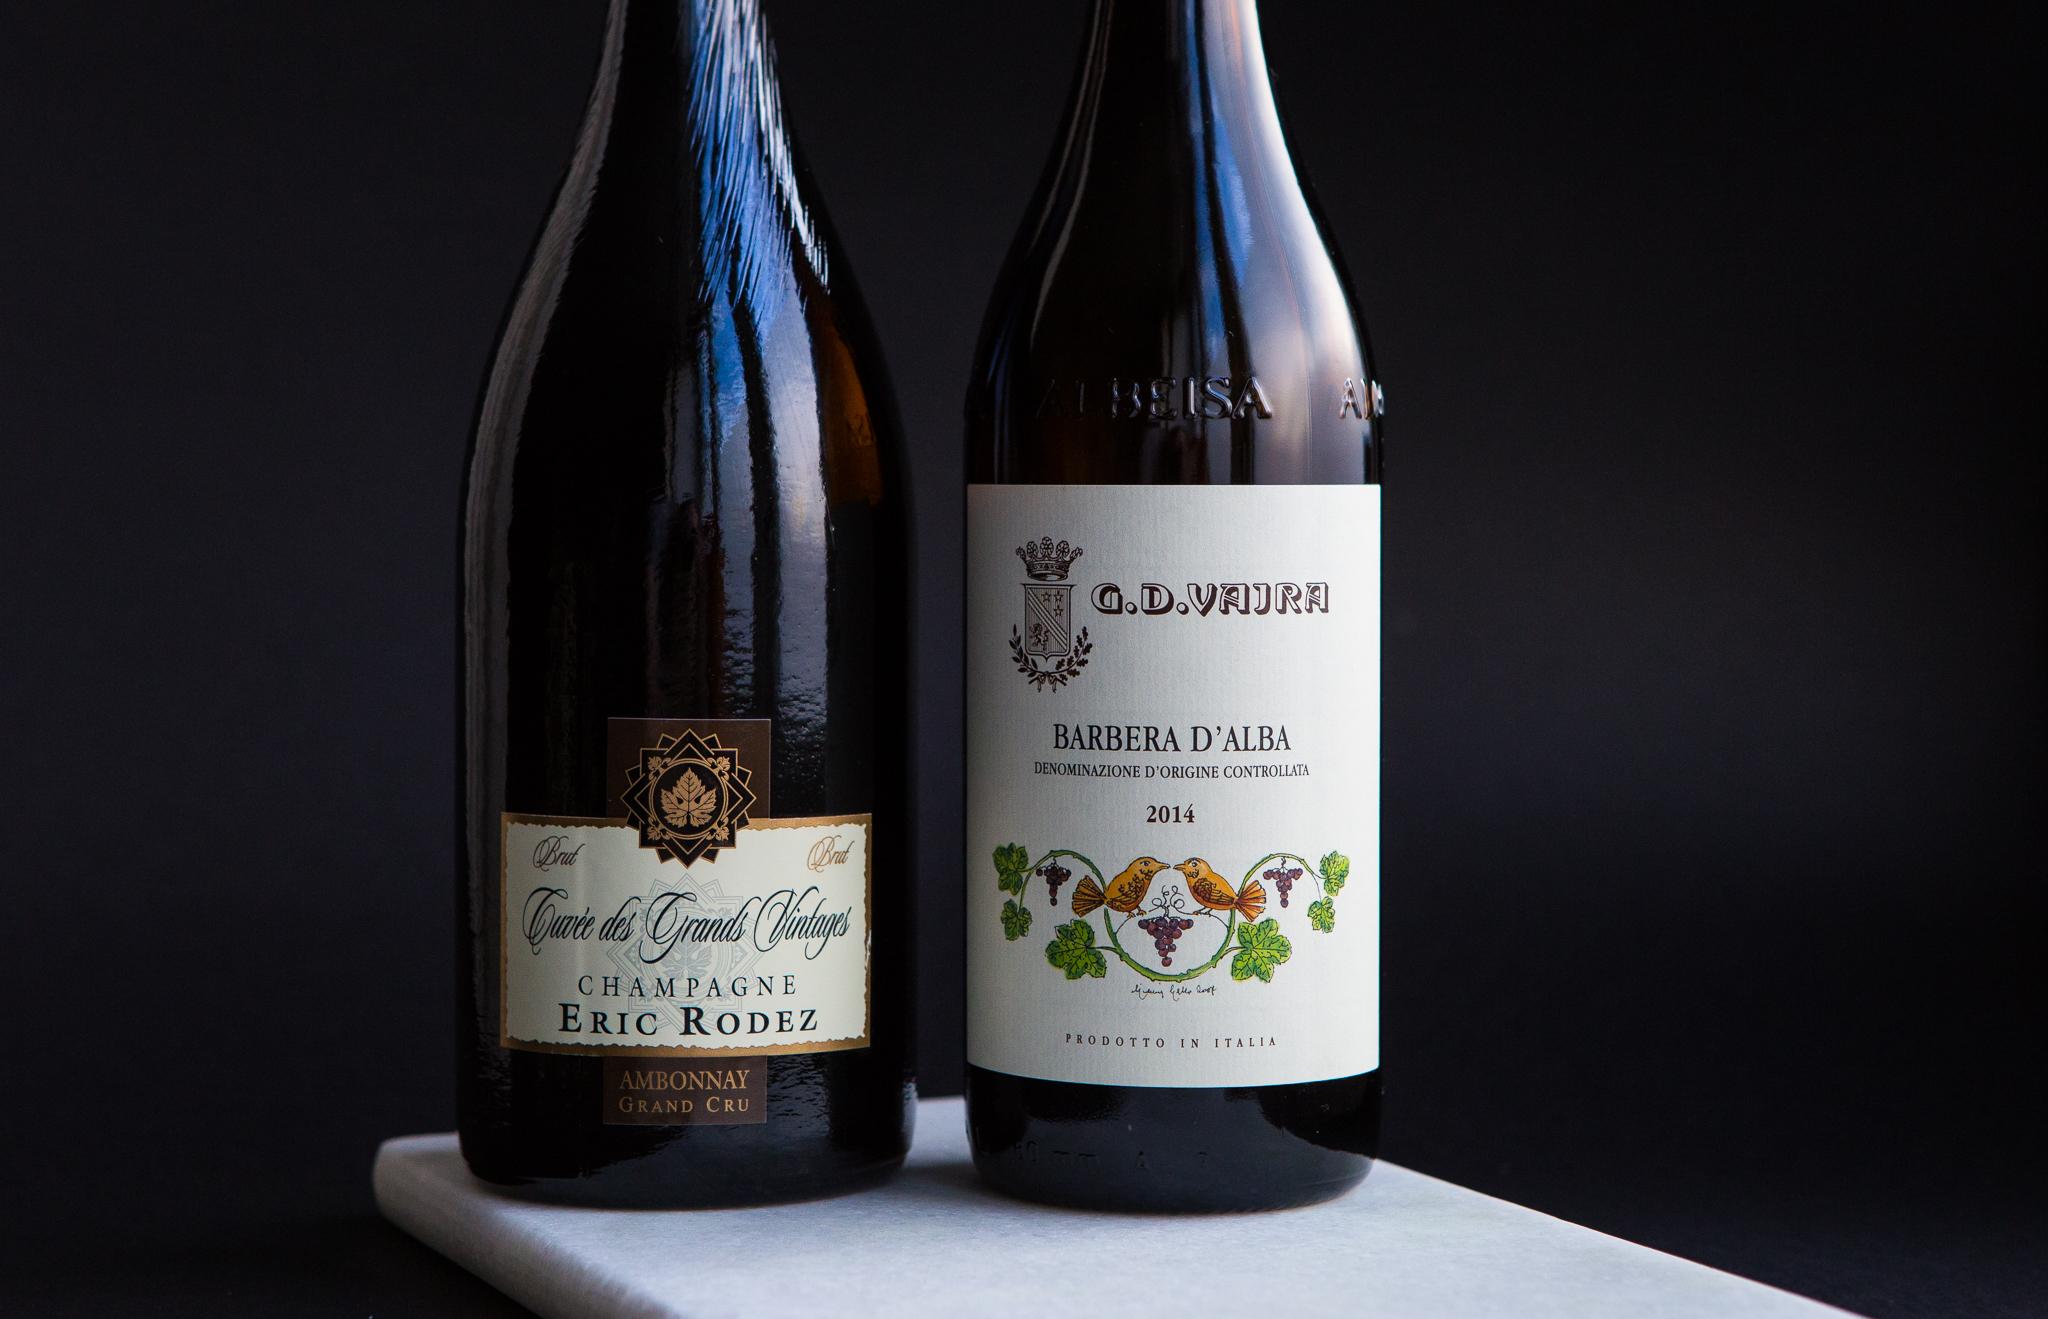 Disse to vinene gjør susen til pinnekjøttet.